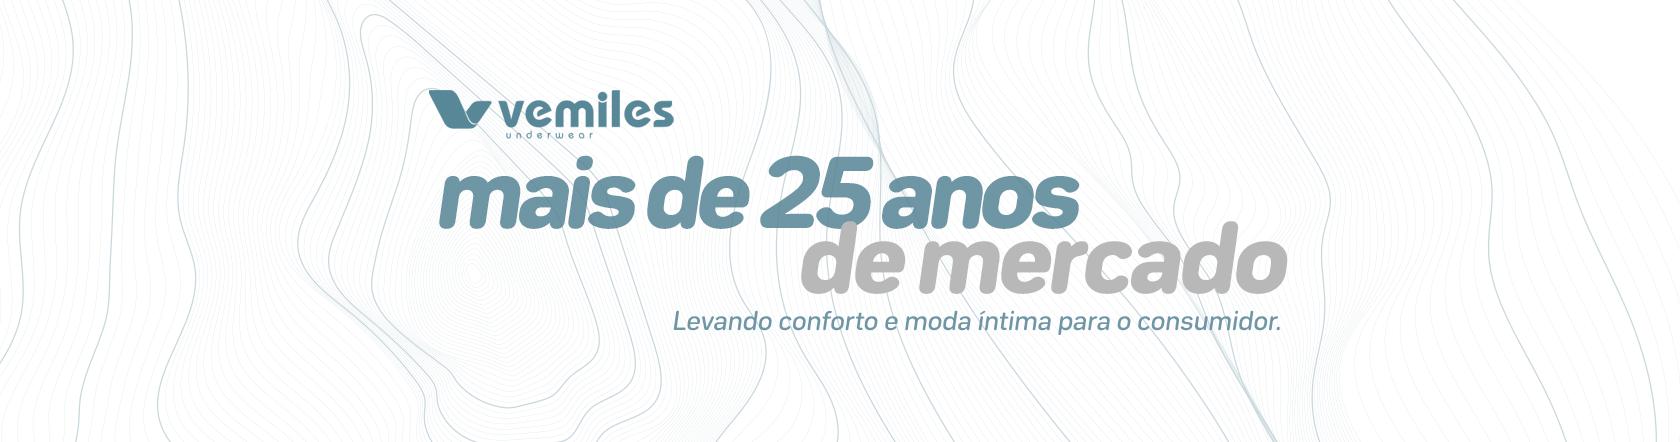 vemiles-25